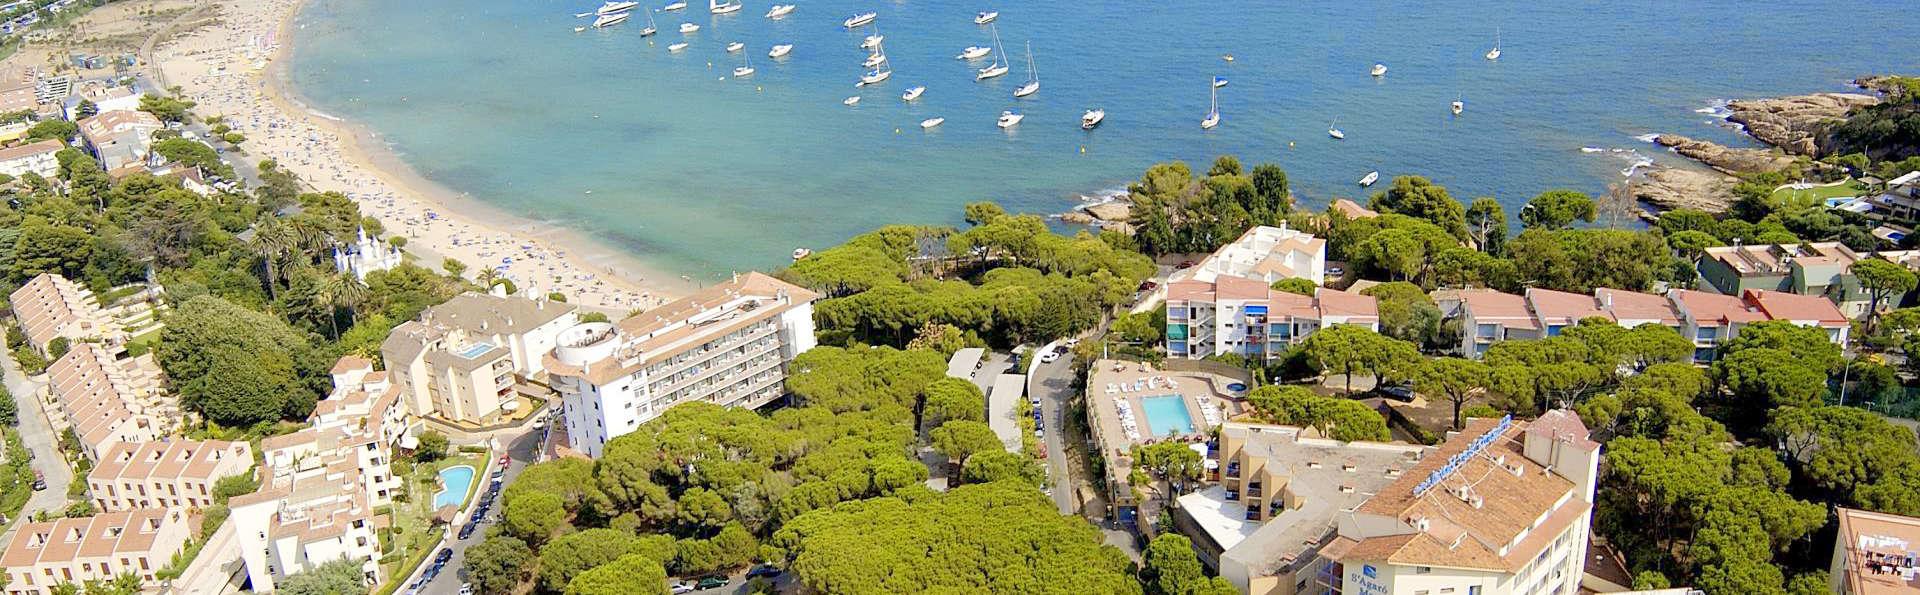 Week-end avec dîner à S'Agaró sur la Costa Brava (à partir de 2 nuits)